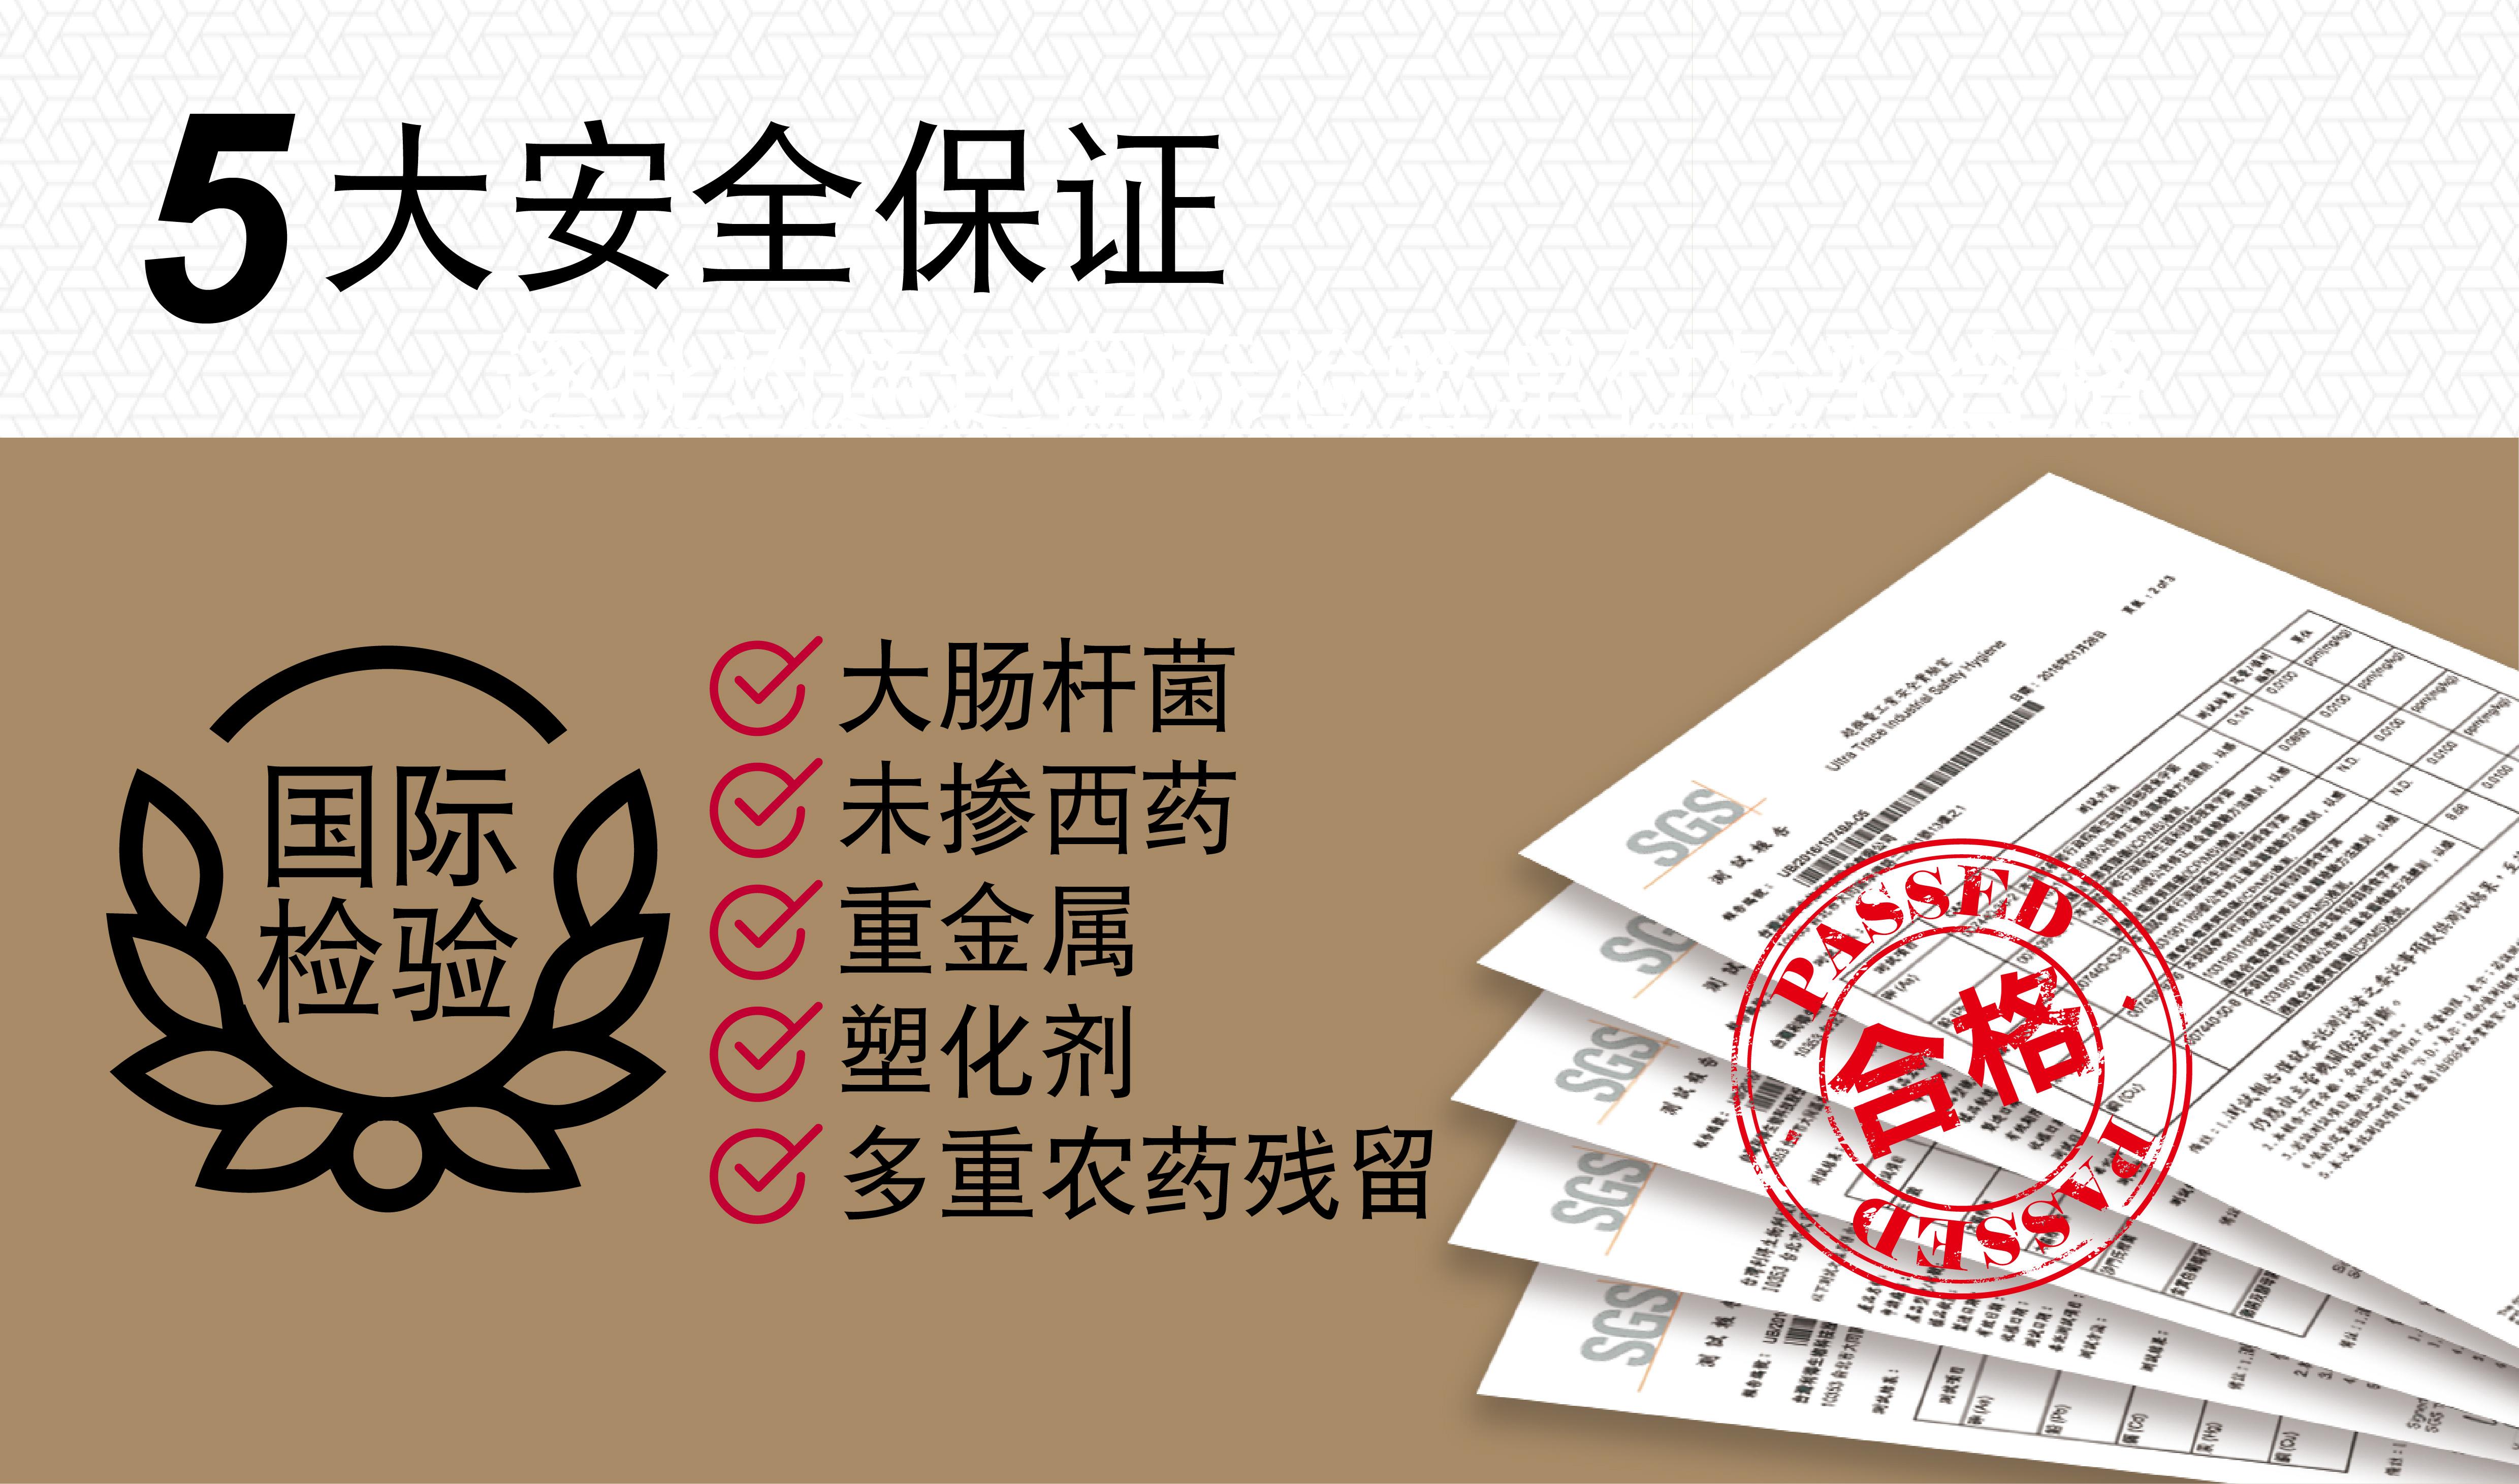 專業認證及安全保證(更新)-簡0417_5大安全保證